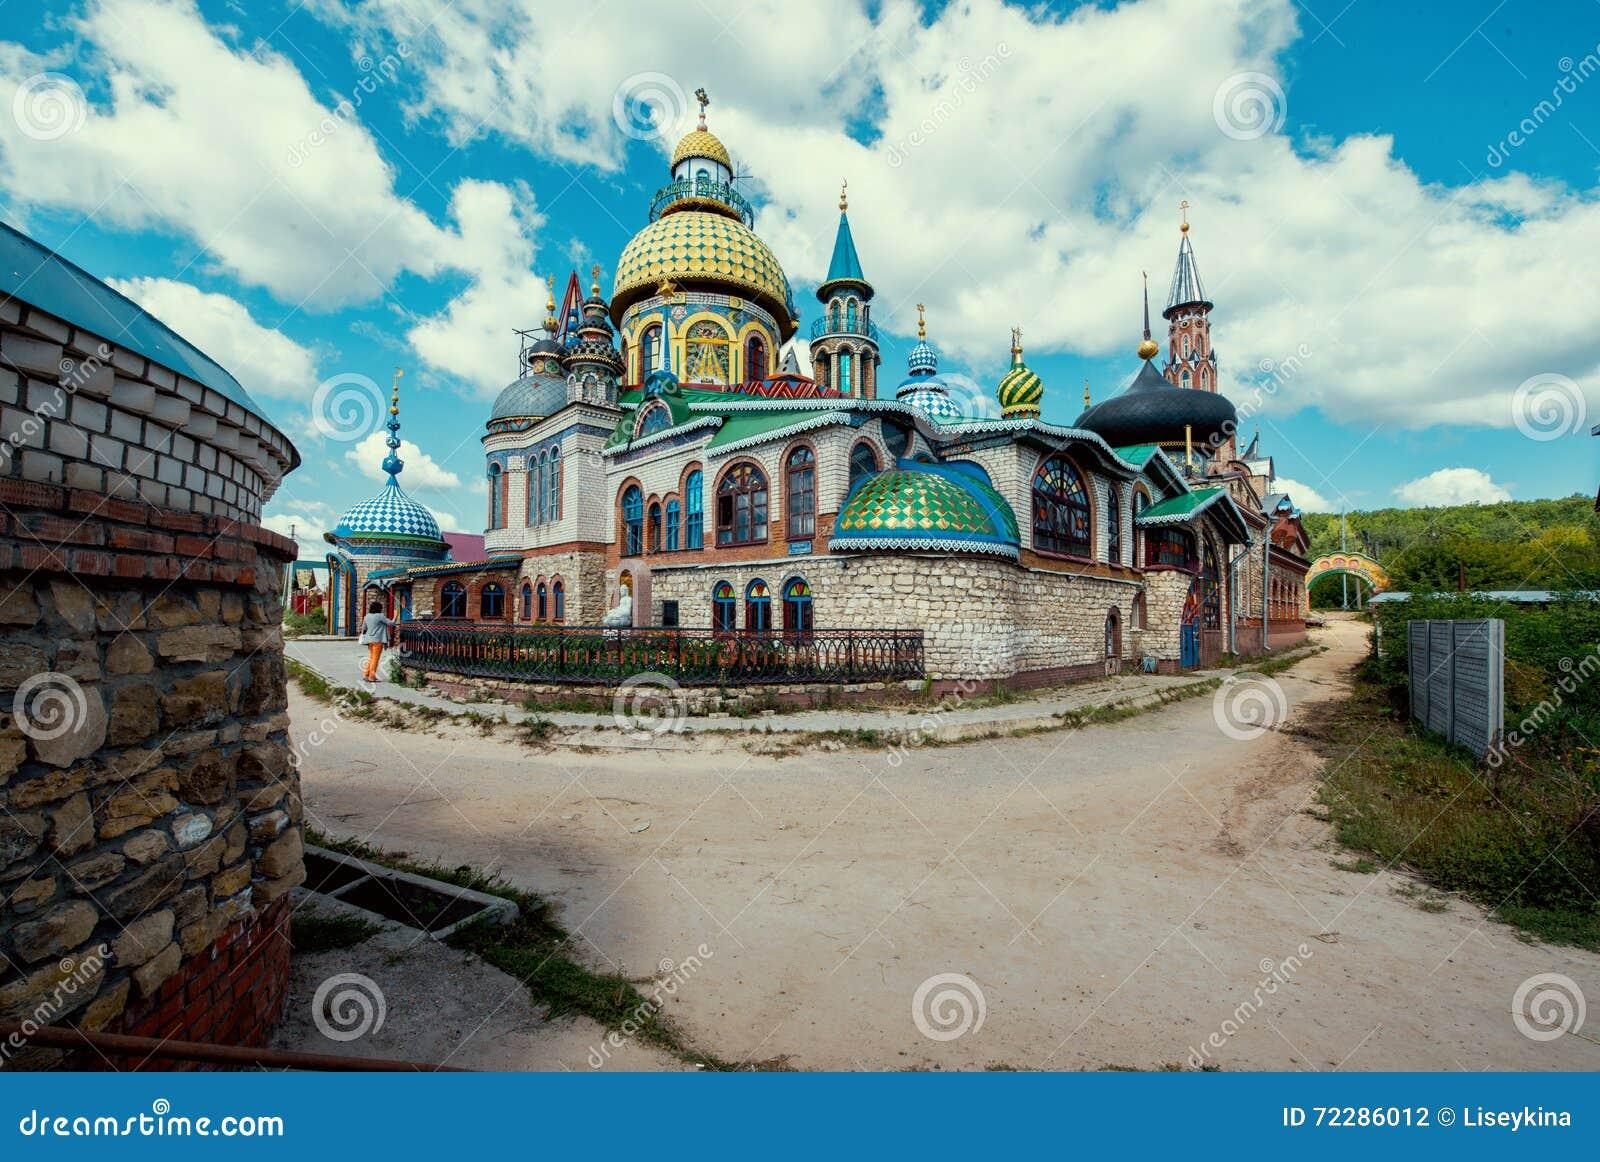 Download Весь висок вероисповеданий в Казани Стоковое Фото - изображение насчитывающей историческо, история: 72286012